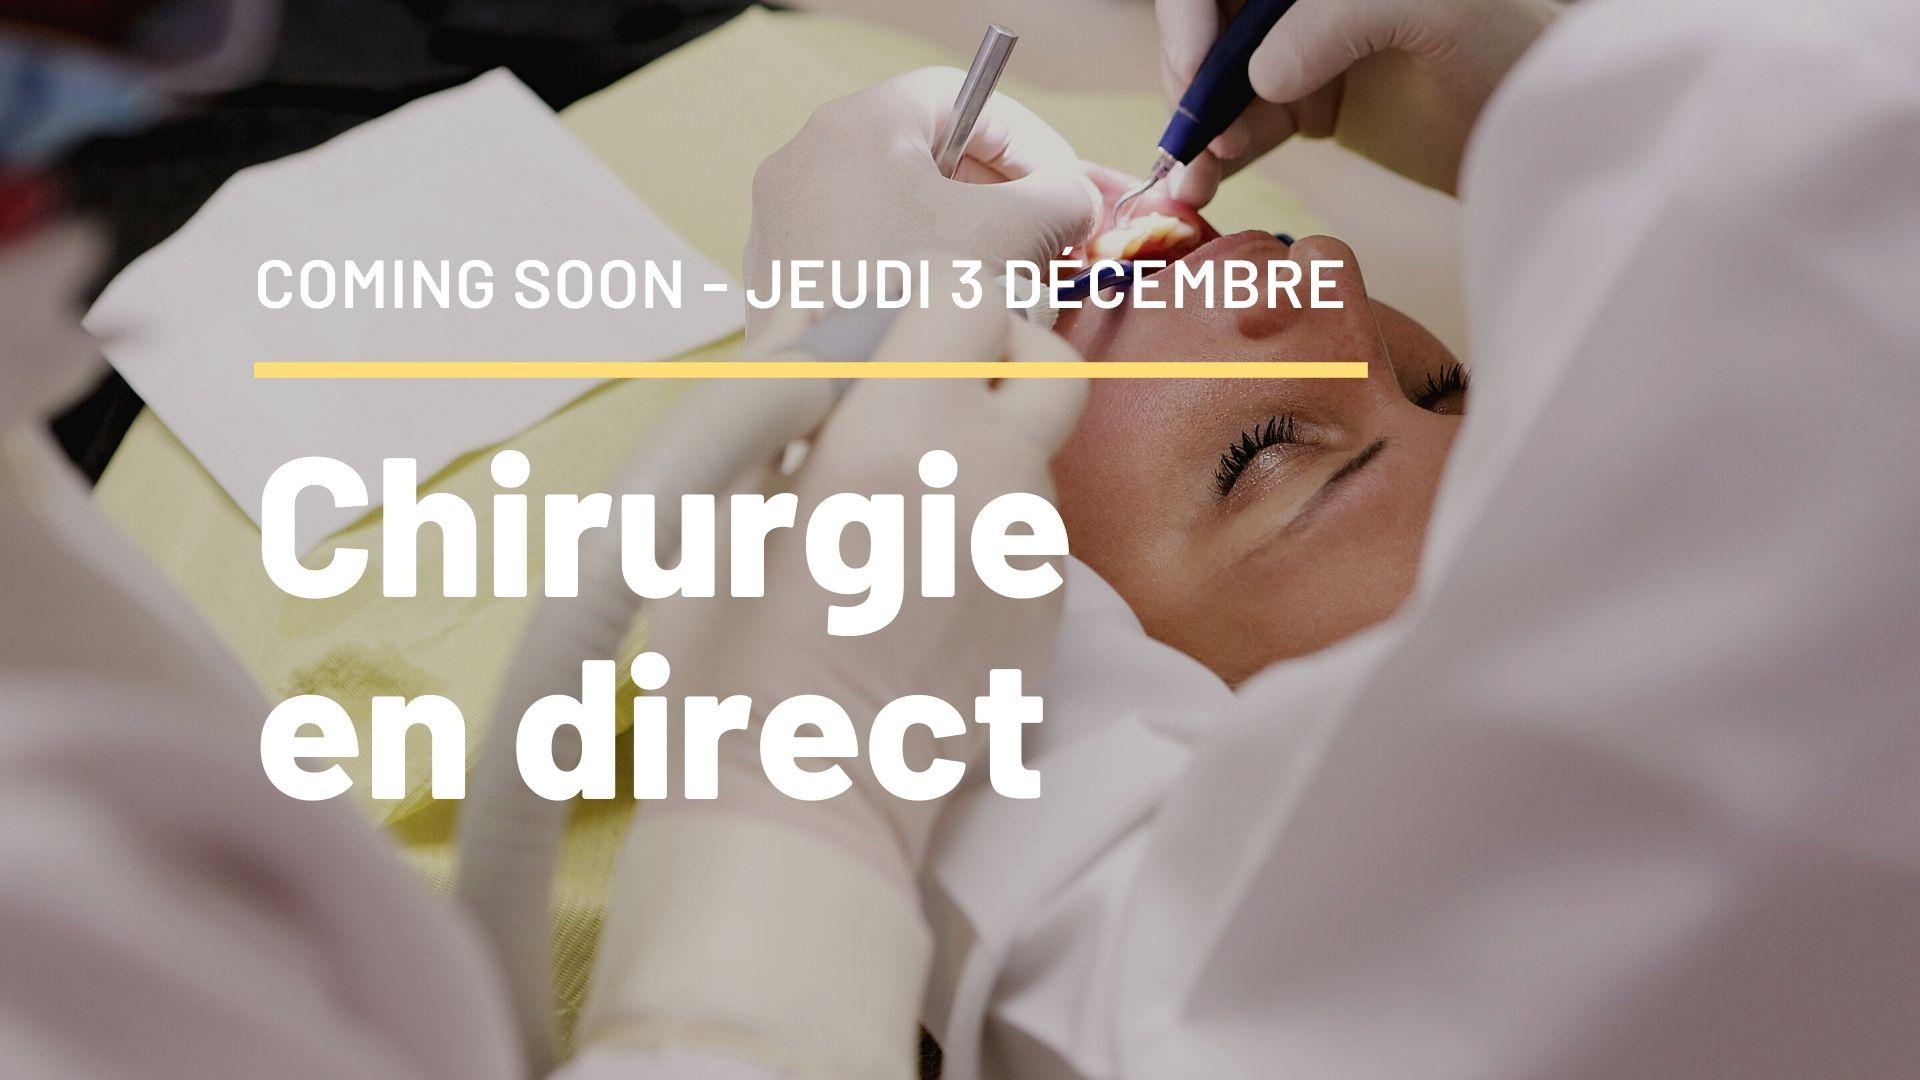 Chirurgie en direct